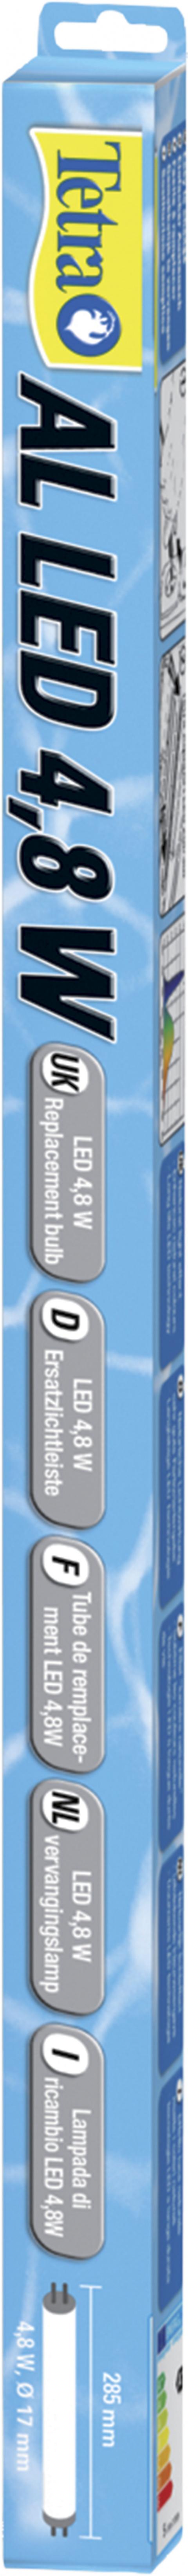 Náhradní zářivka TETRA AquaArt LED 4,8W title=